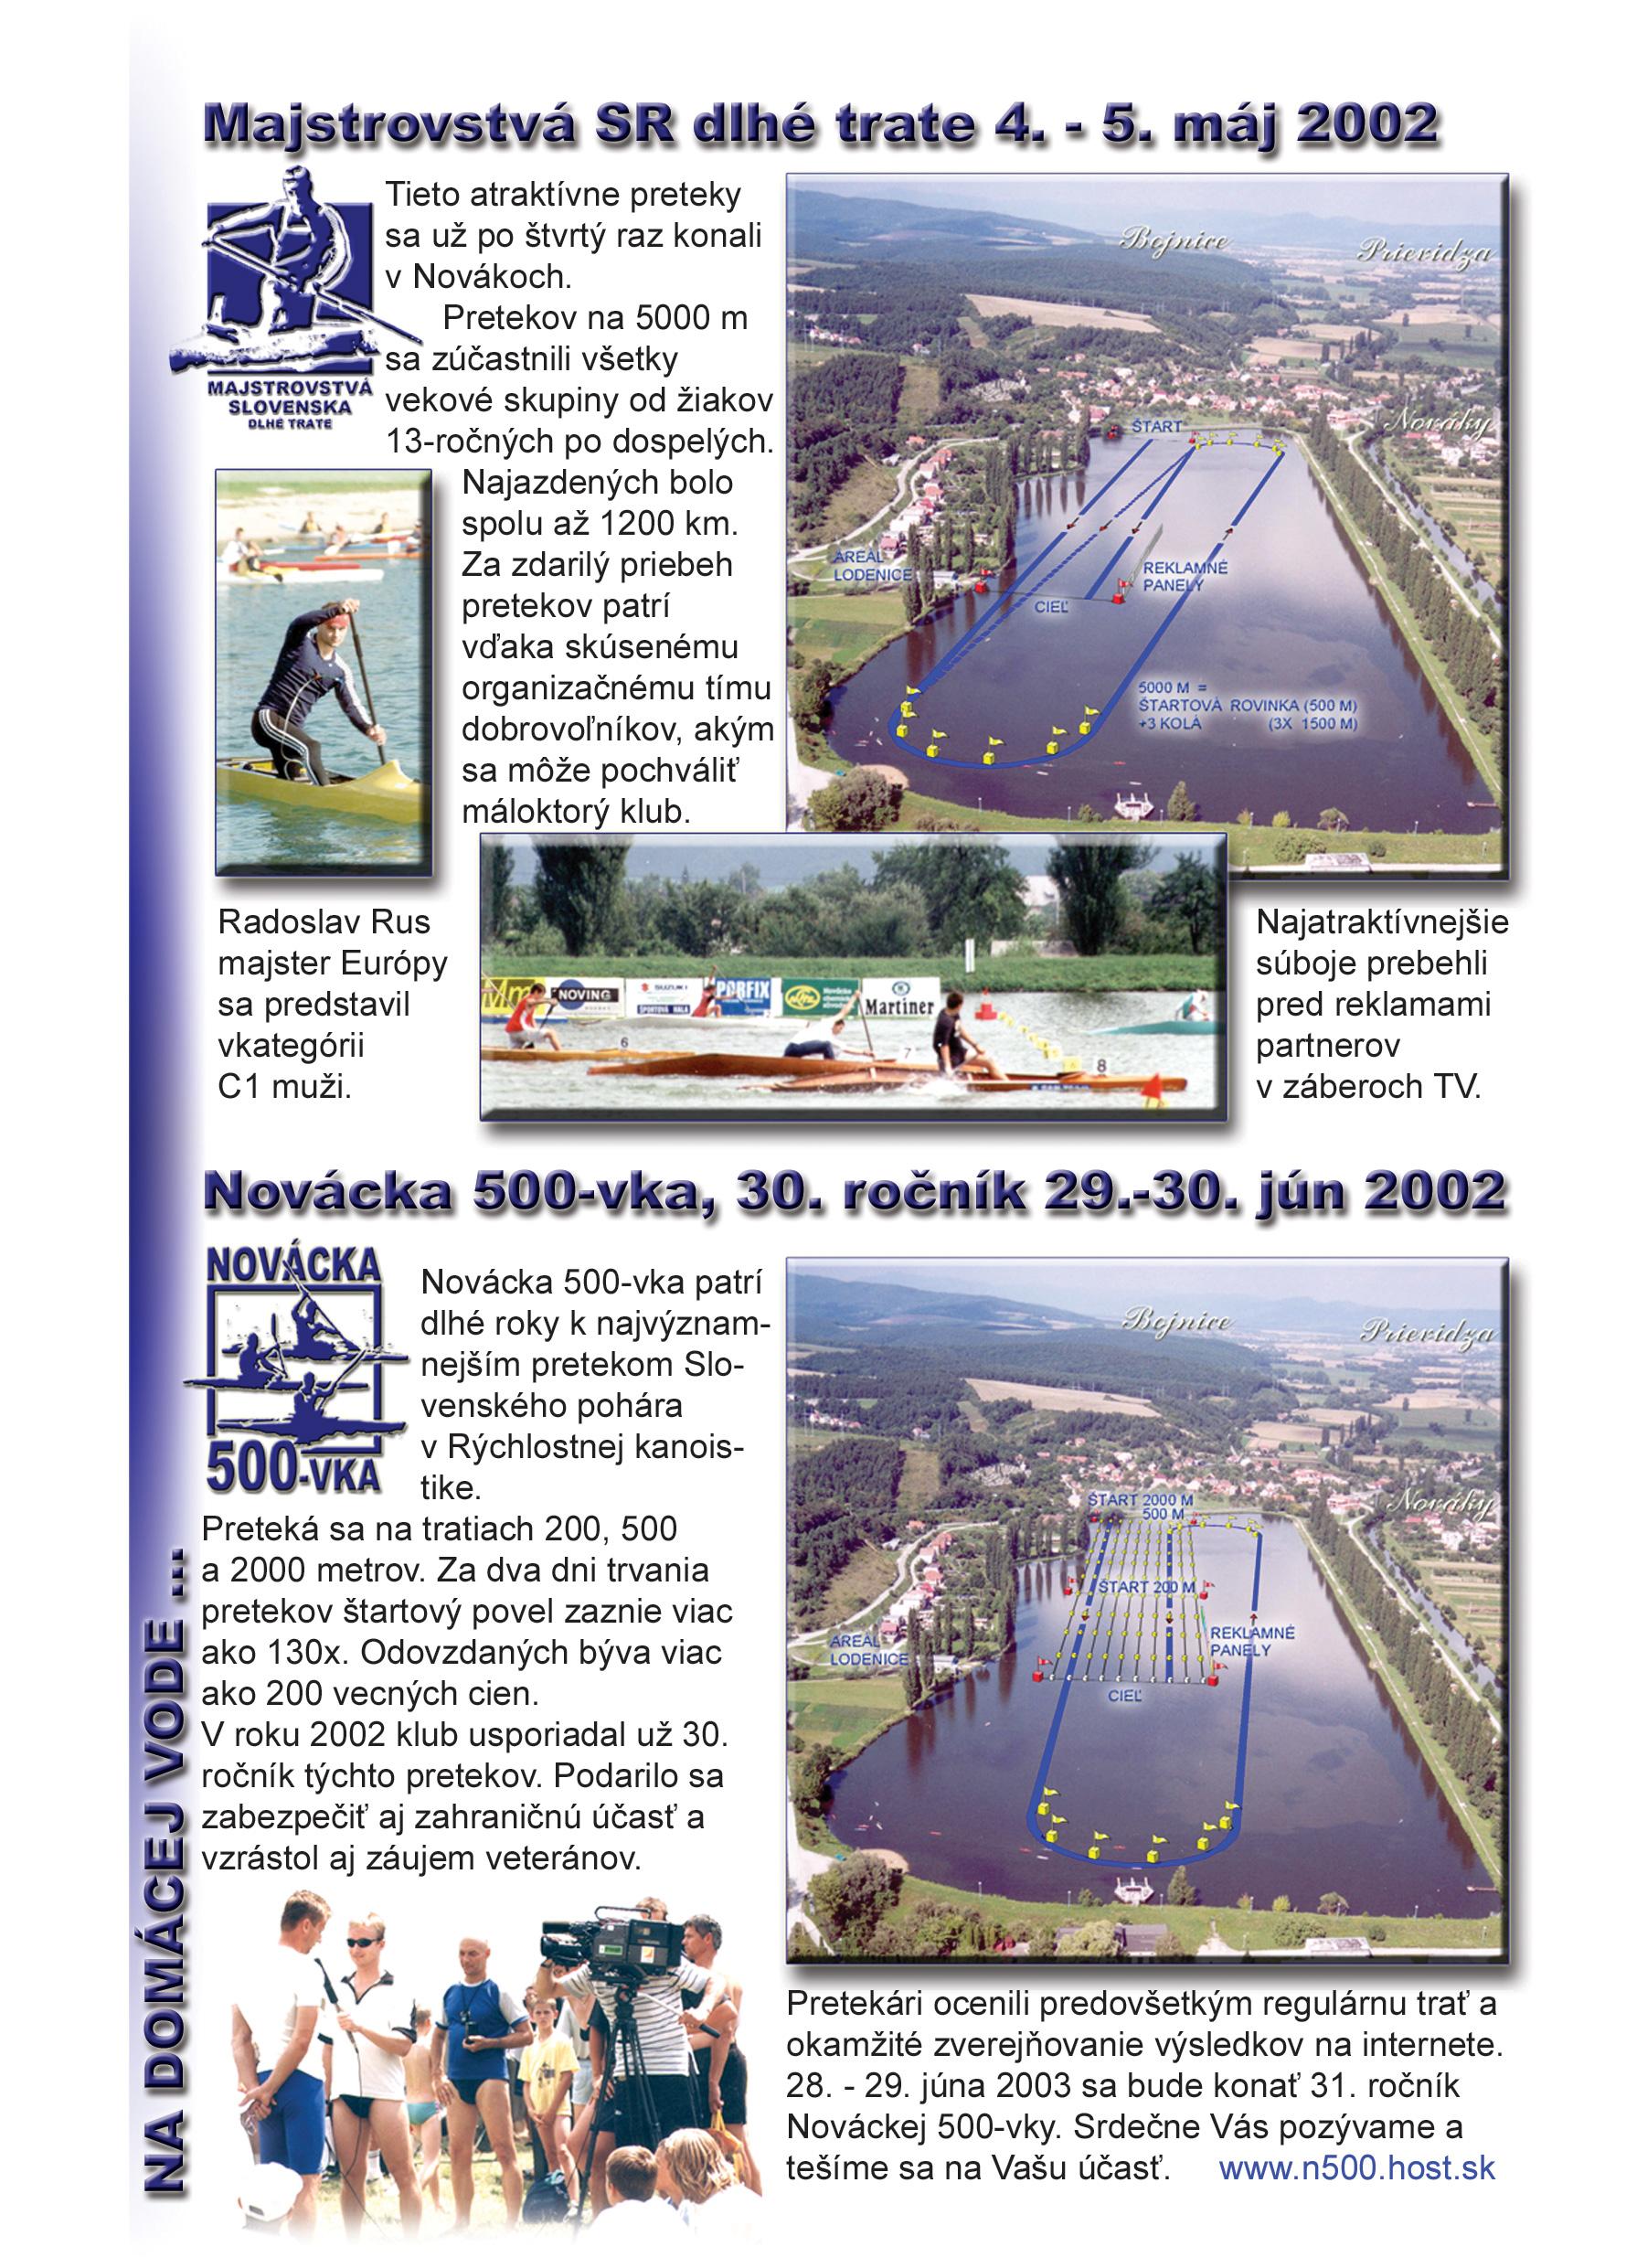 Profil klubu 2002/2003, strana 6